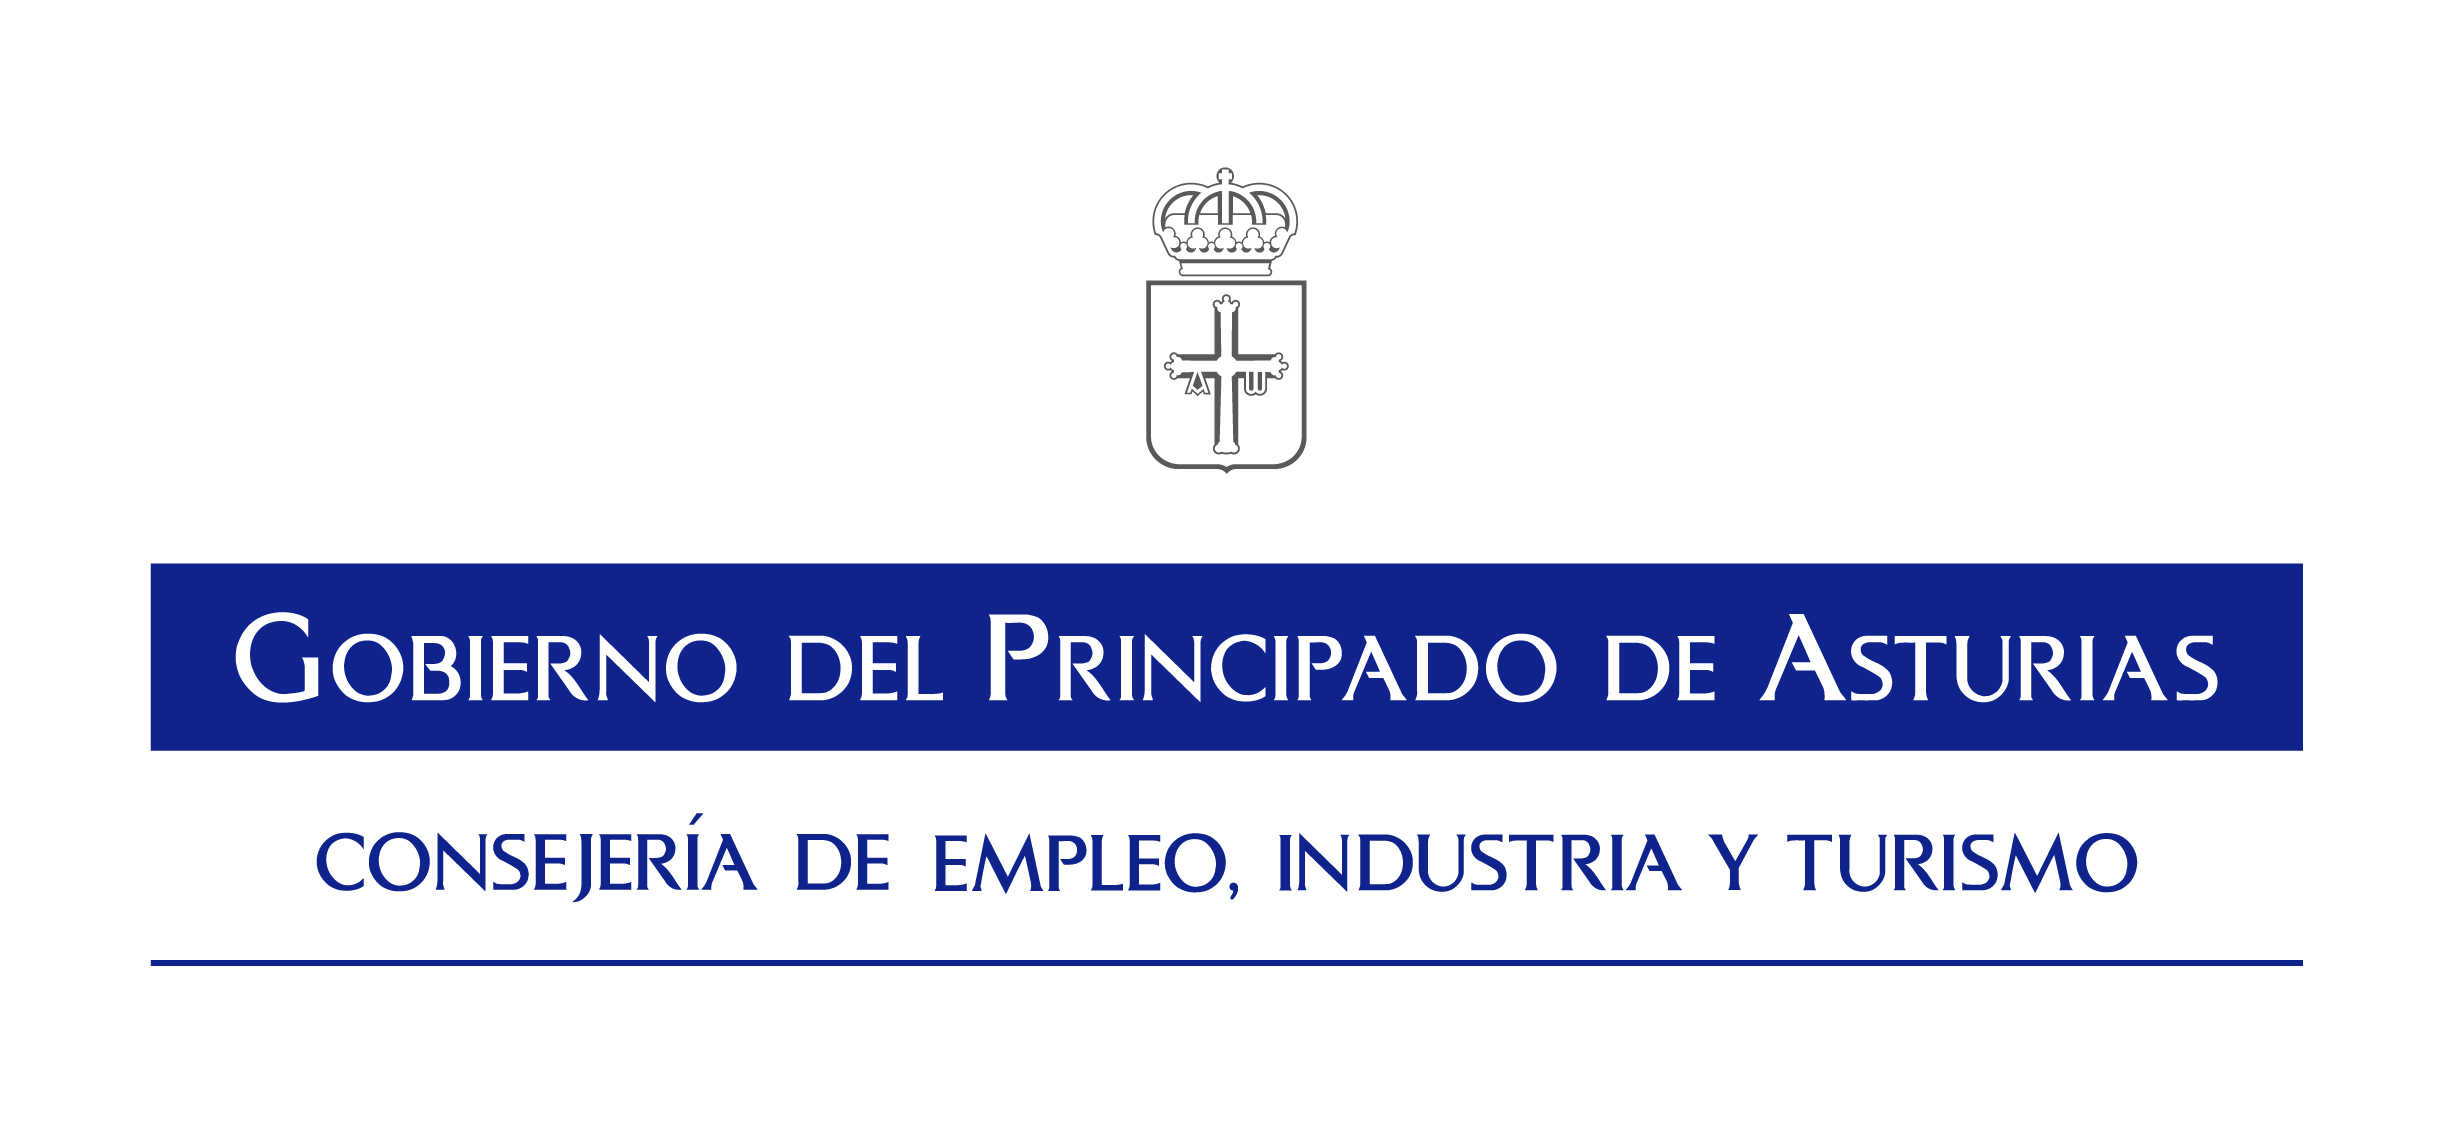 Consejería empleo, industria y turismo